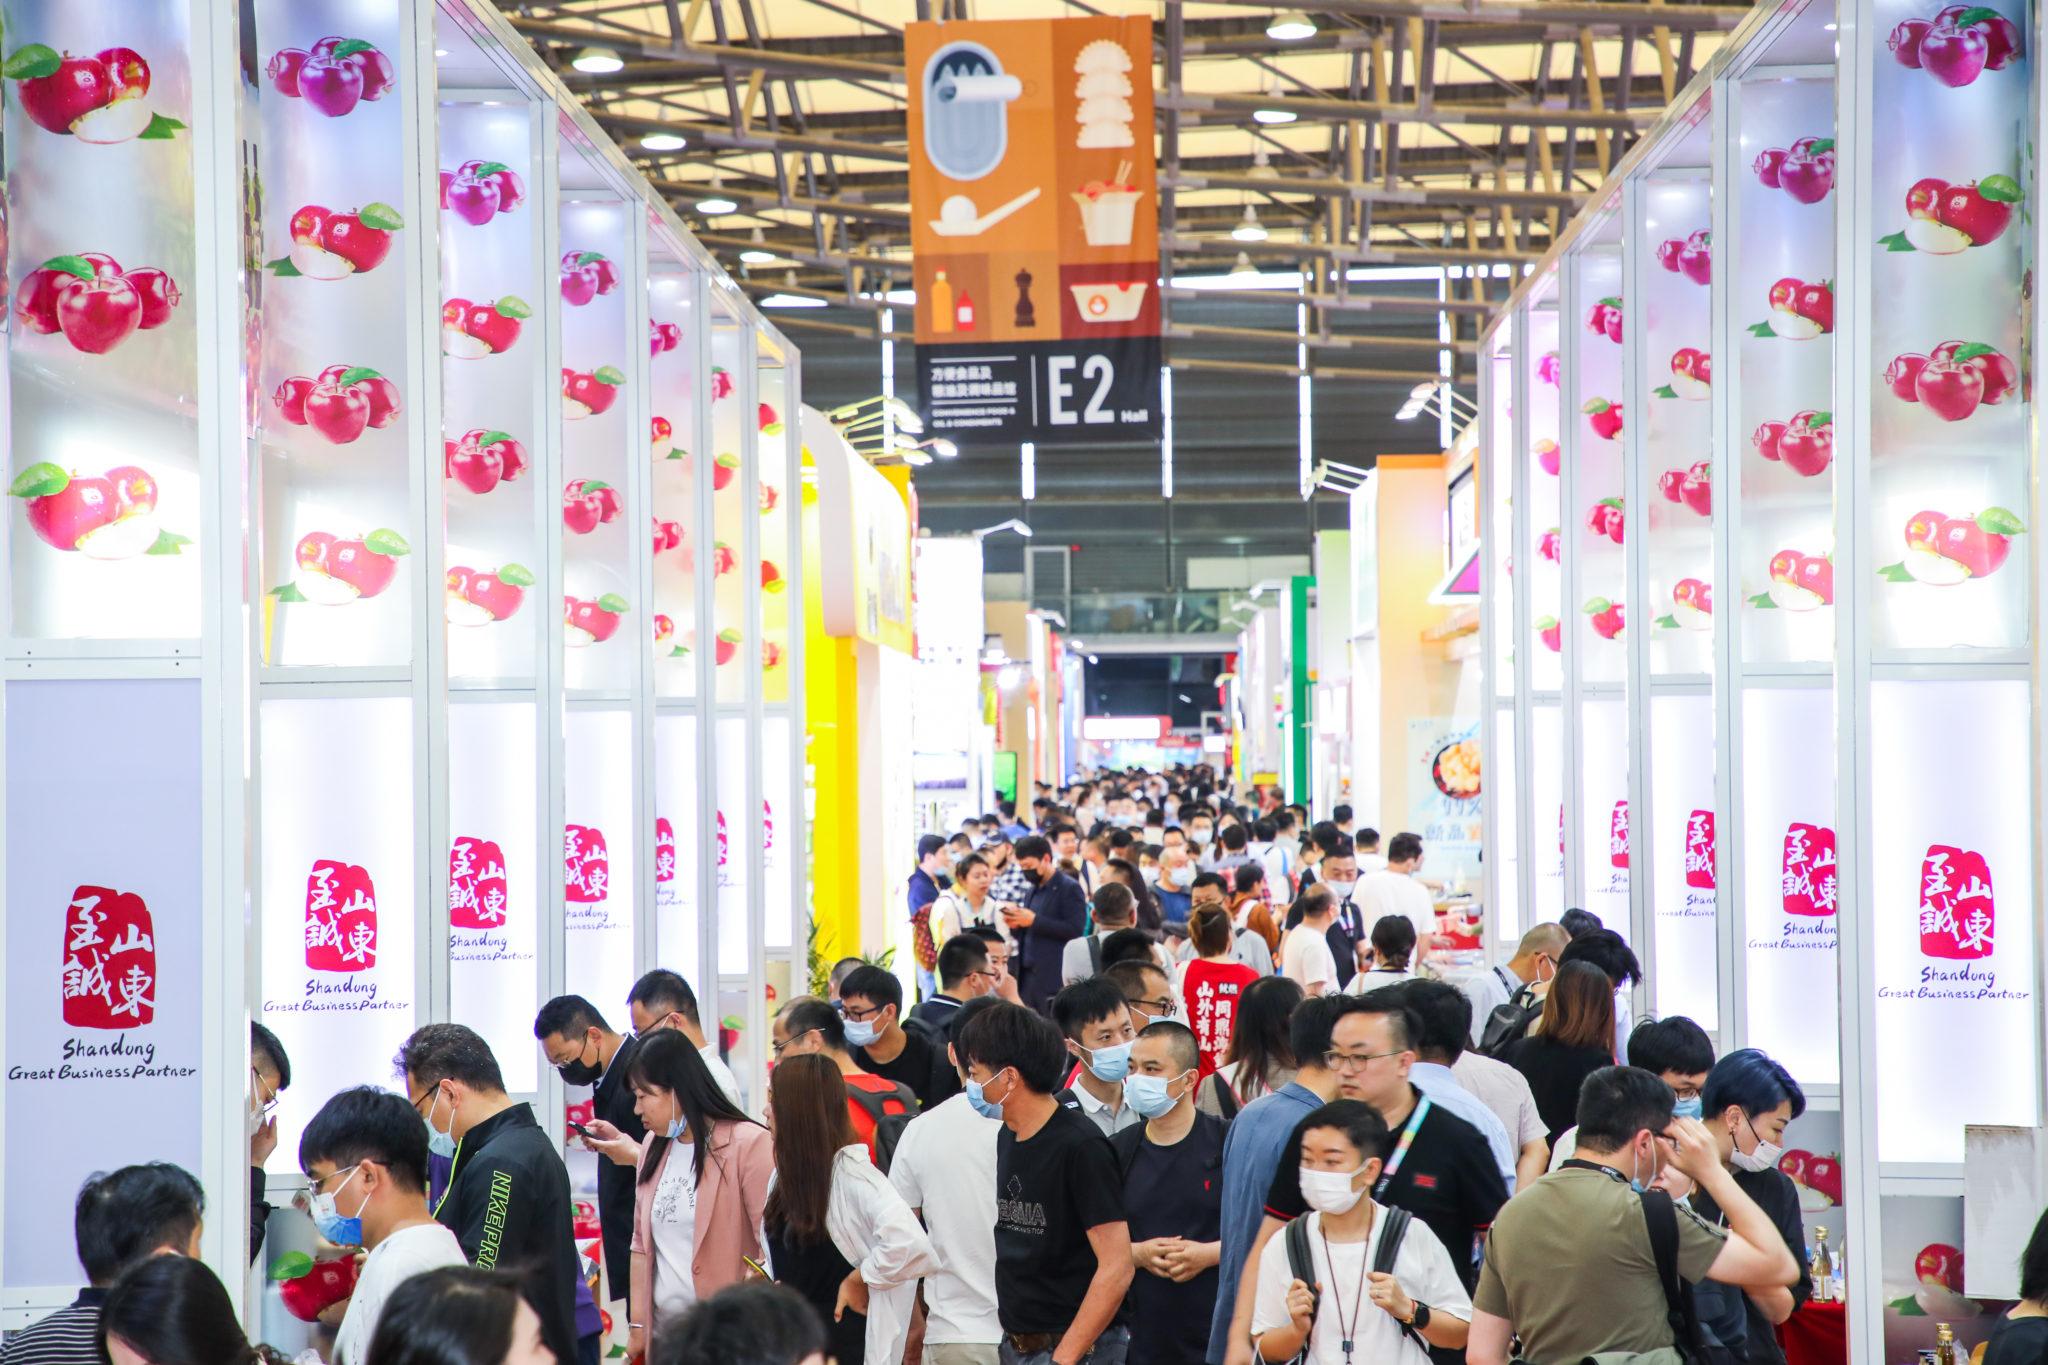 sial-china-2021-sacheve-sur-un-succes-retentissant-a-shanghai-battant-de-plus-de-25-son-record-de-frequentation-2